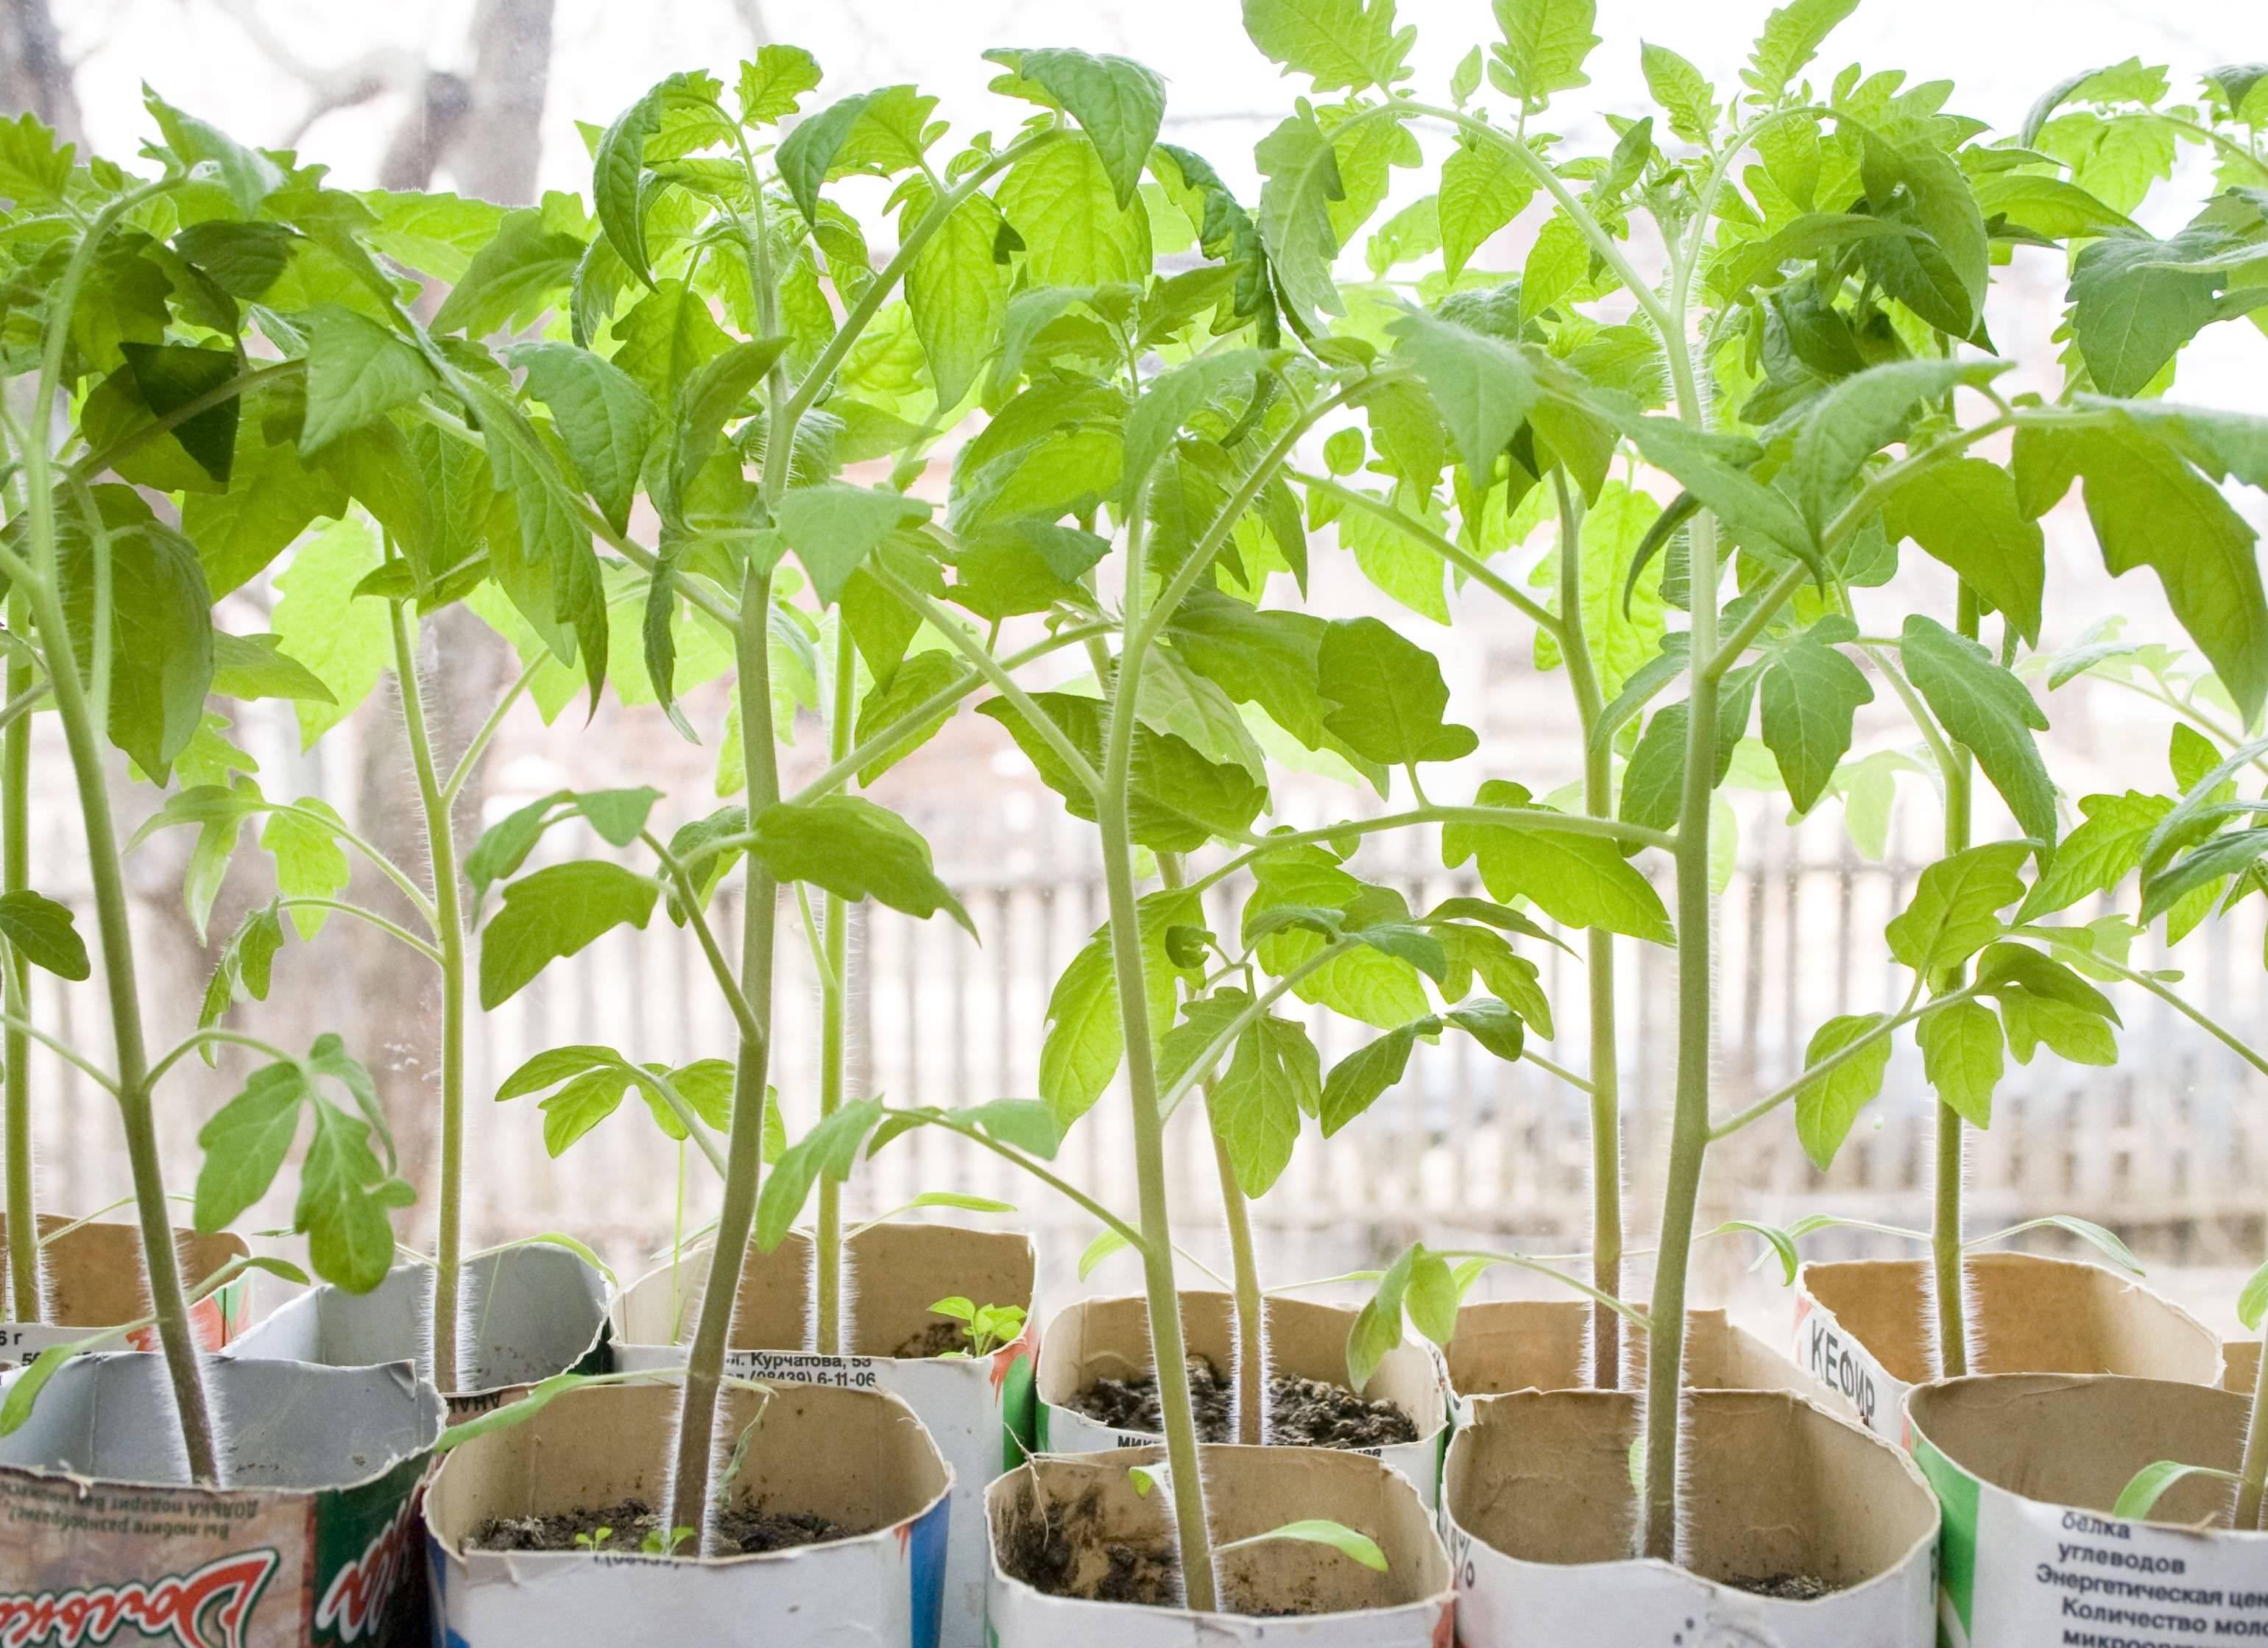 Юлия миняева томатный сок в домашних условиях. рассада в пеленках: выращивание, пикировка, видео юлии миняевой